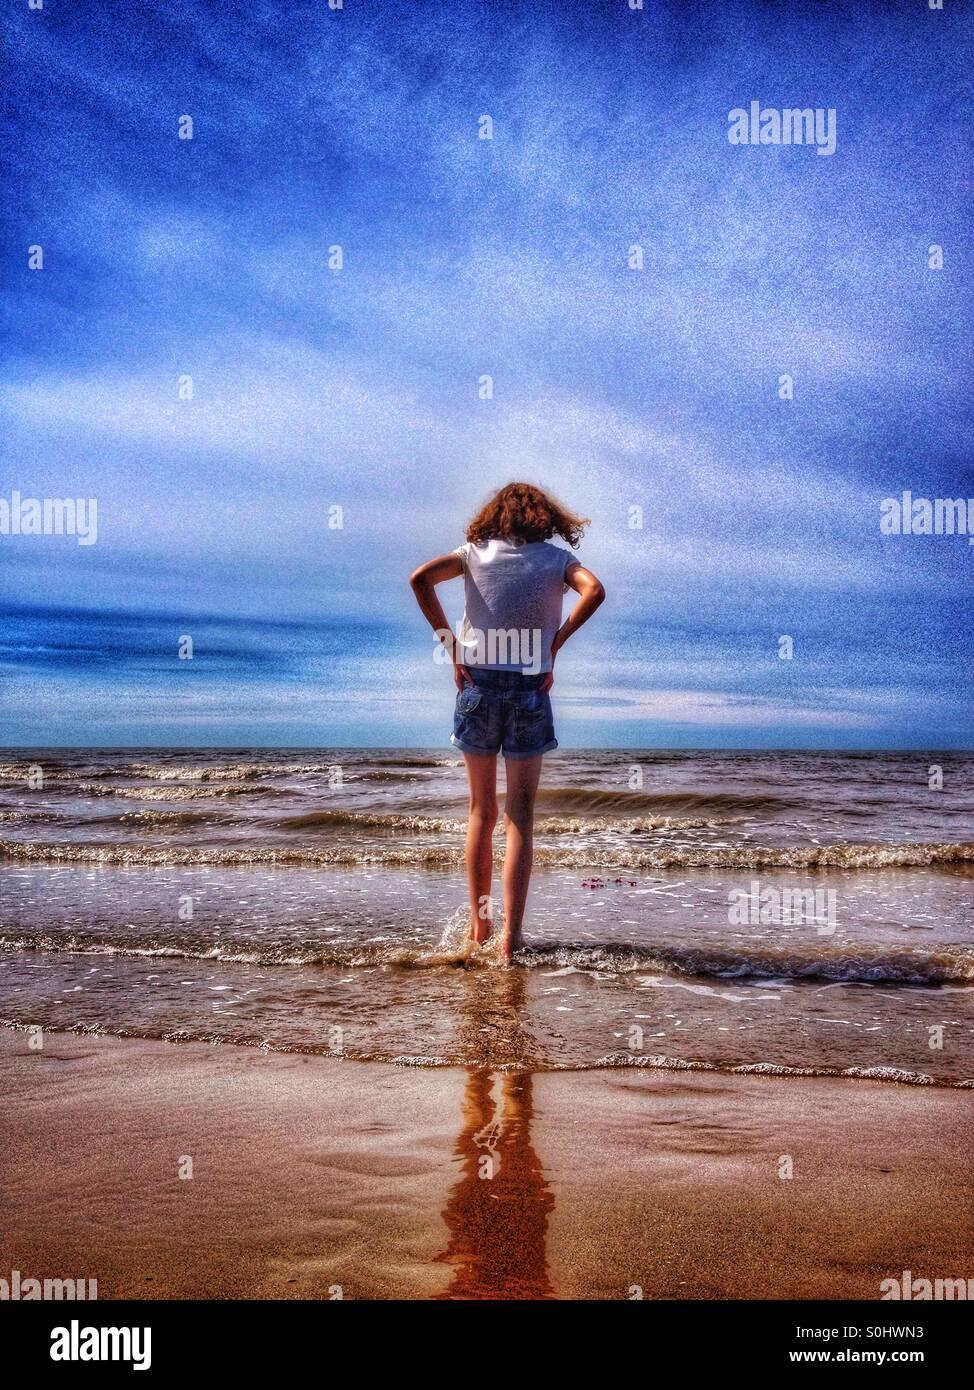 Junges Mädchen im Meer paddeln Stockbild